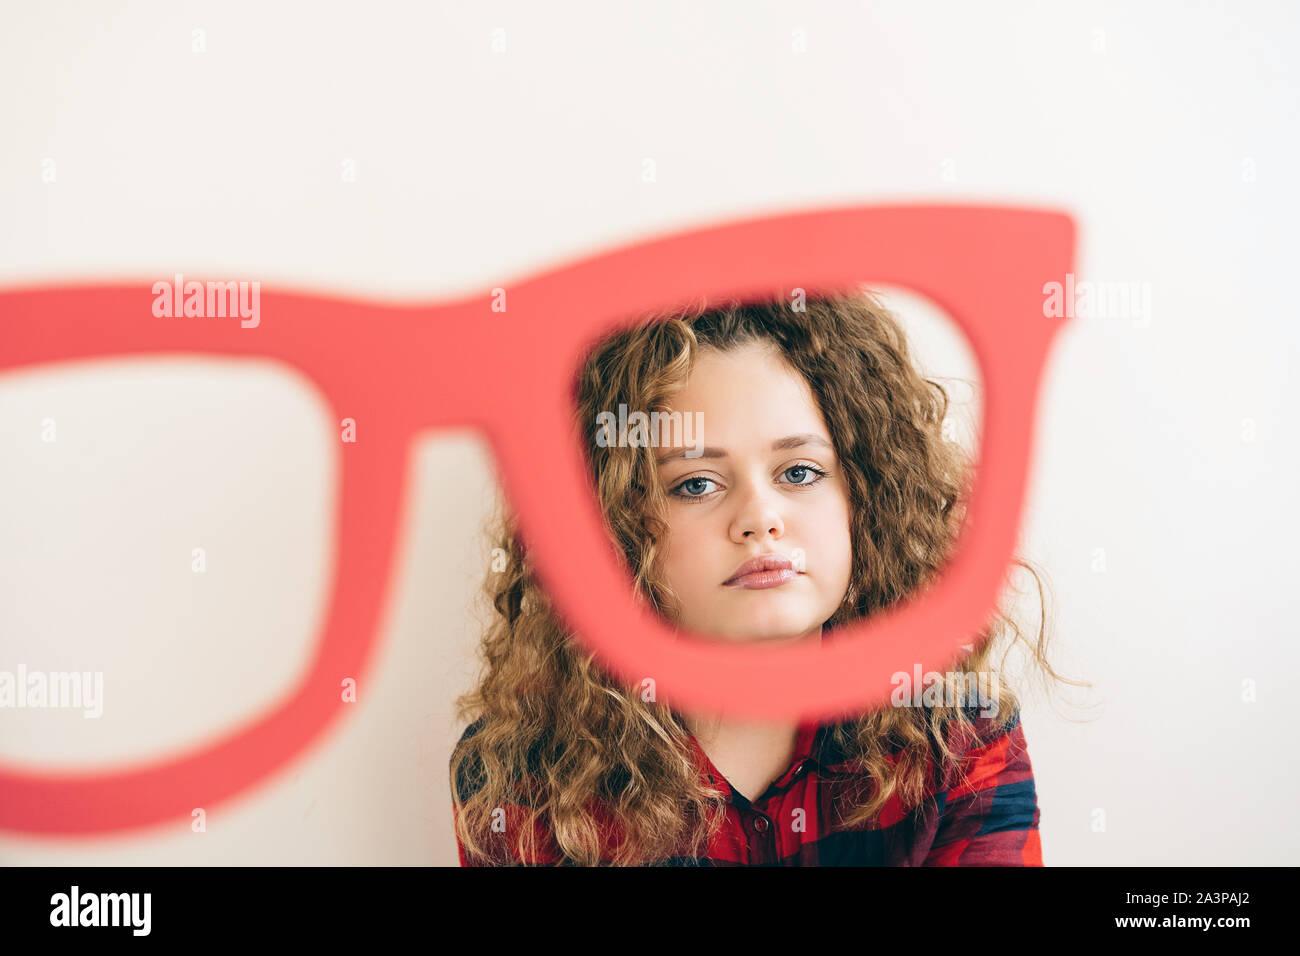 Aux longs cheveux bouclés cute teen blonde girl ressemble plus drôle de grands verres de couleur rouge Banque D'Images